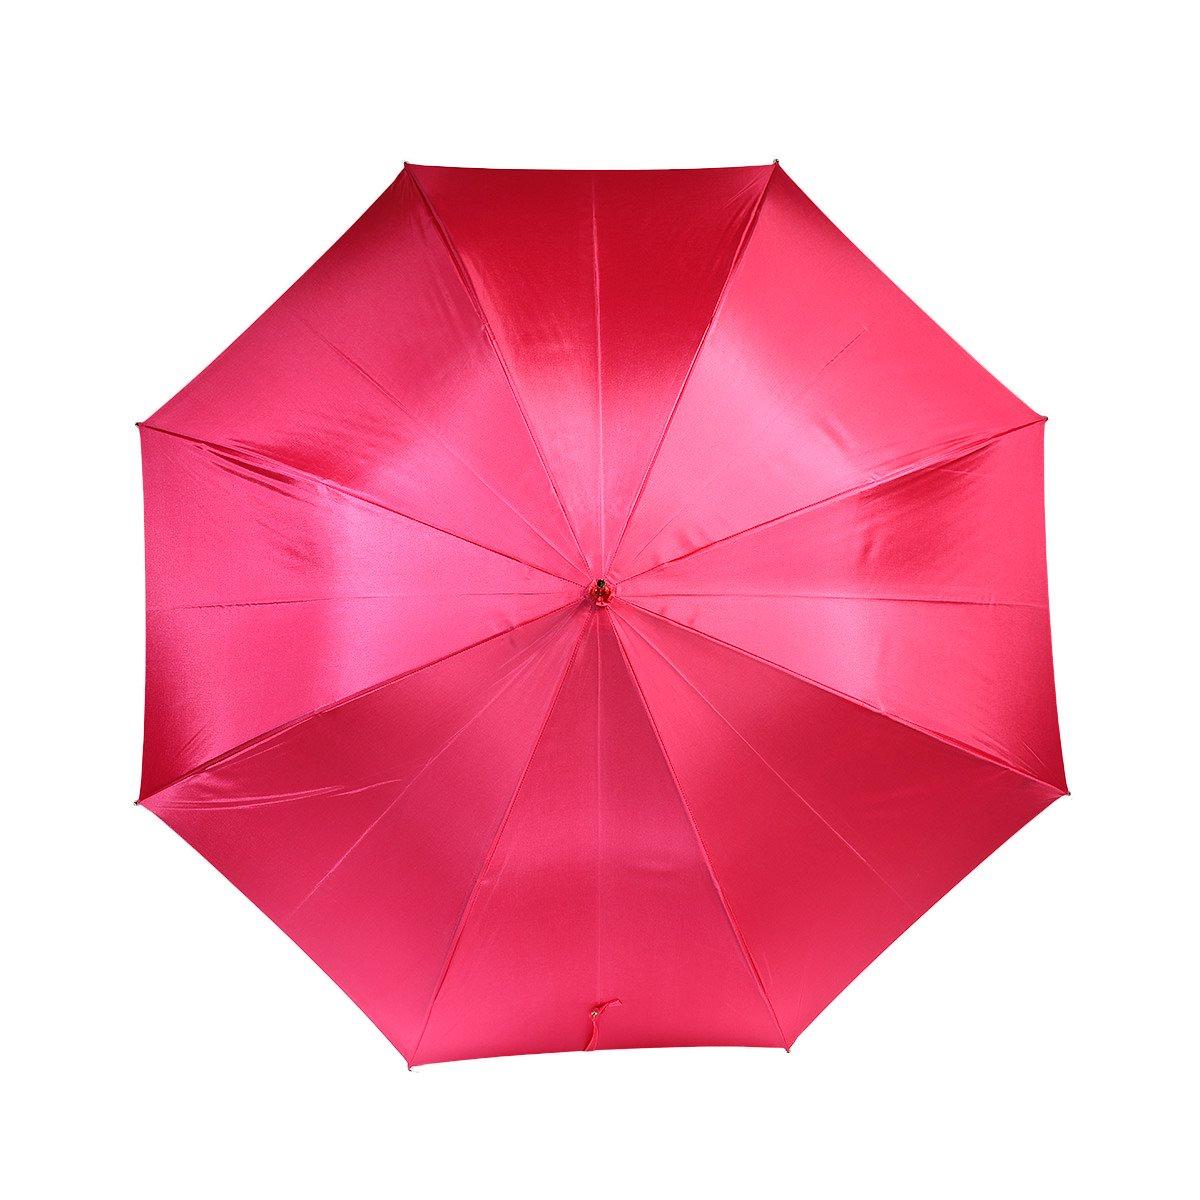 レディース 富士絹 細巻 長傘 詳細画像6